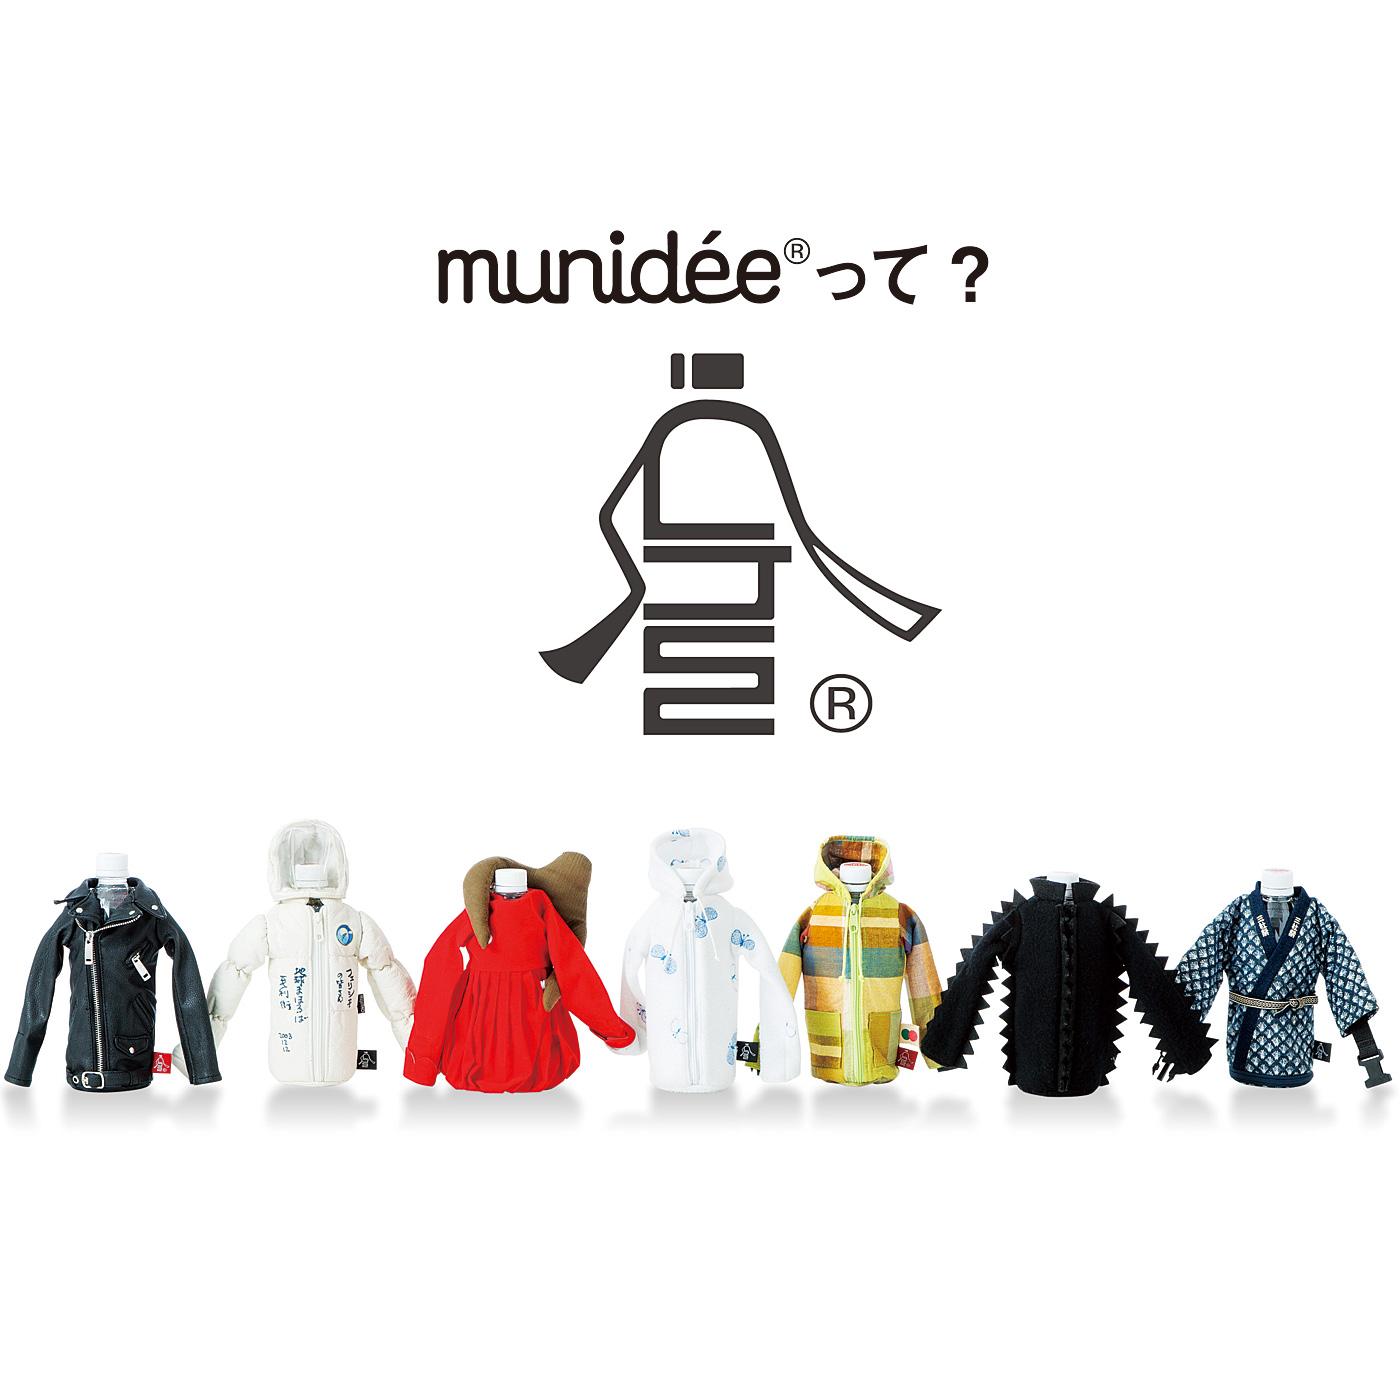 ミュニデ(R)って? 国境も時代も文化も越えて、「デザインは手をつなぐ」をコンセプトに2001年デビューしたミュニデ。デザイナー、スポーツ選手、宇宙飛行士などのコラボモデルが続々誕生。現在、シリーズ累計280万個以上、870デザインにのぼる。munideeはフランス語で「monde/世界が」「uni/手をつなぐ」「idee/アイデア」から生まれた造語です。